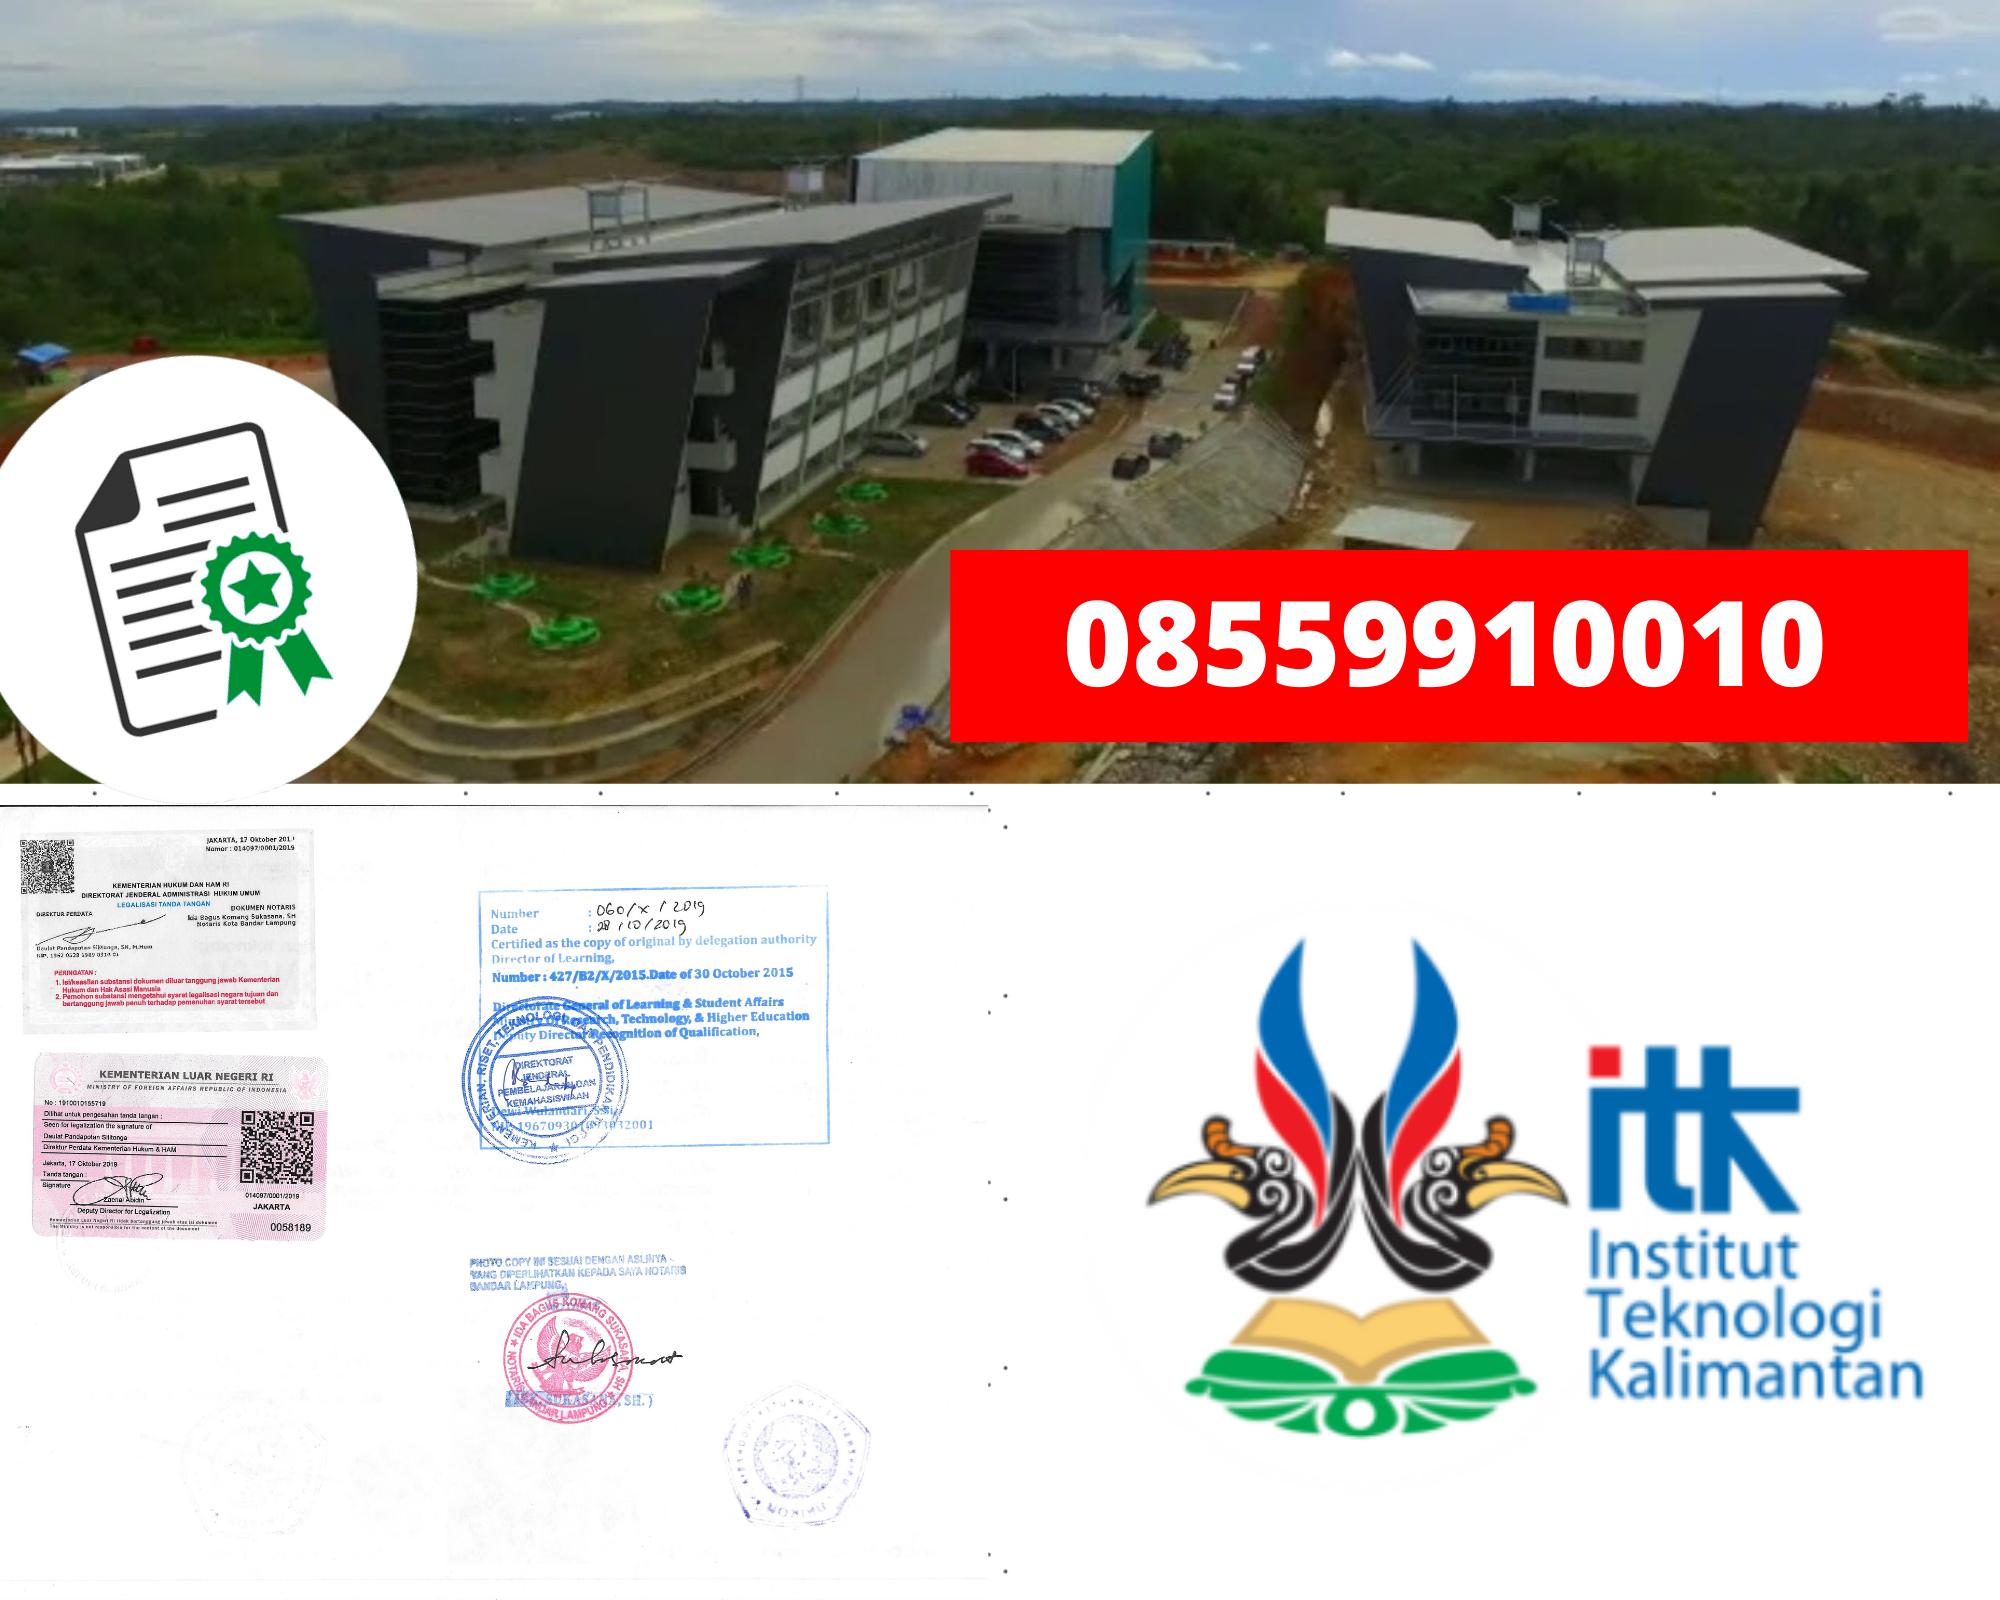 Legalisir Ijazah Institut Teknologi Kalimantan Di Kemenristek Dikti || 08559910010